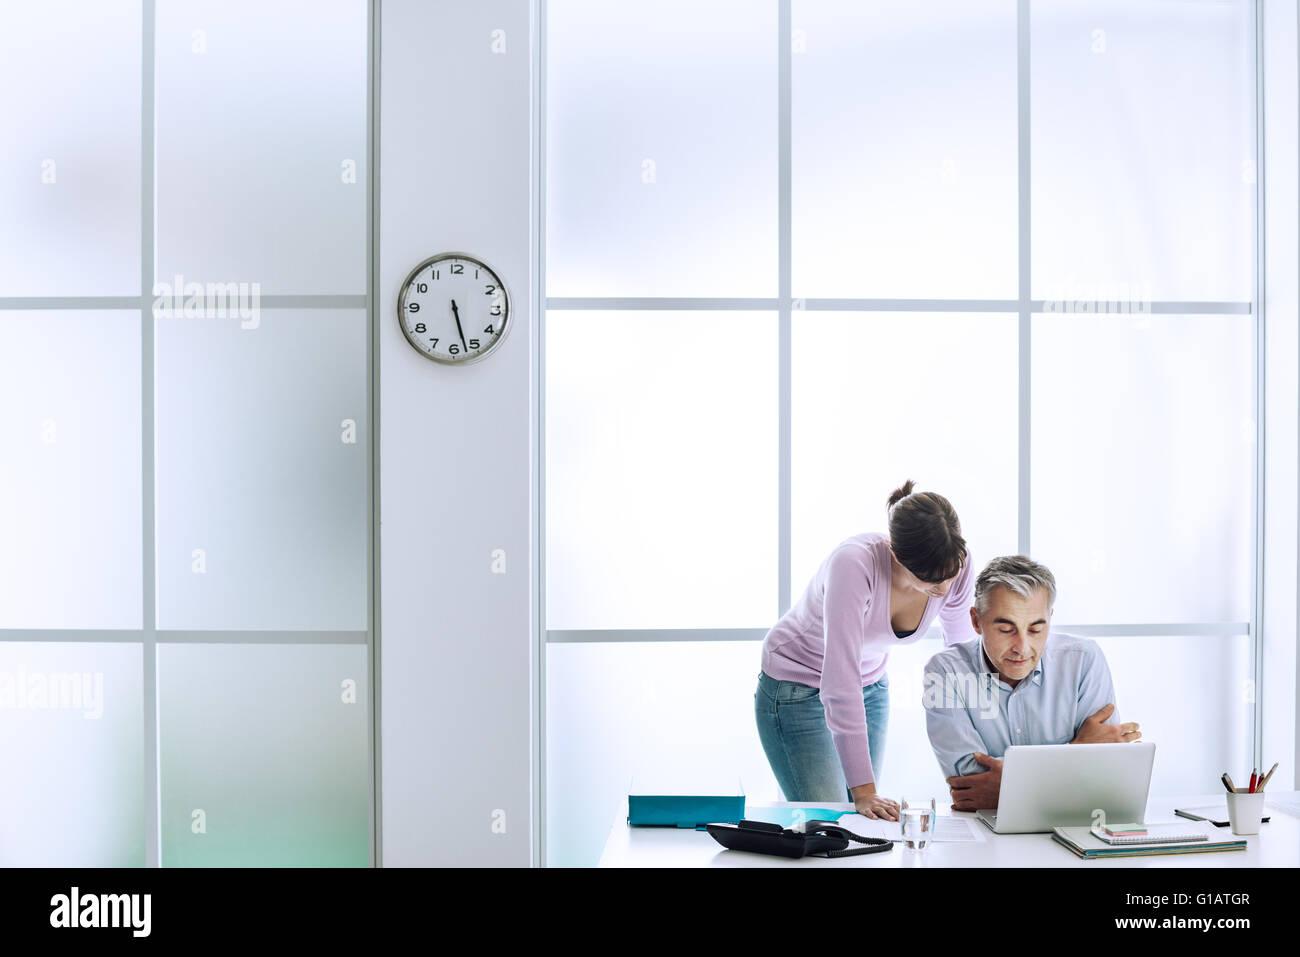 Dirigenti che lavorano in ufficio con il suo assistente, che sta utilizzando un computer portatile e la connessione Immagini Stock